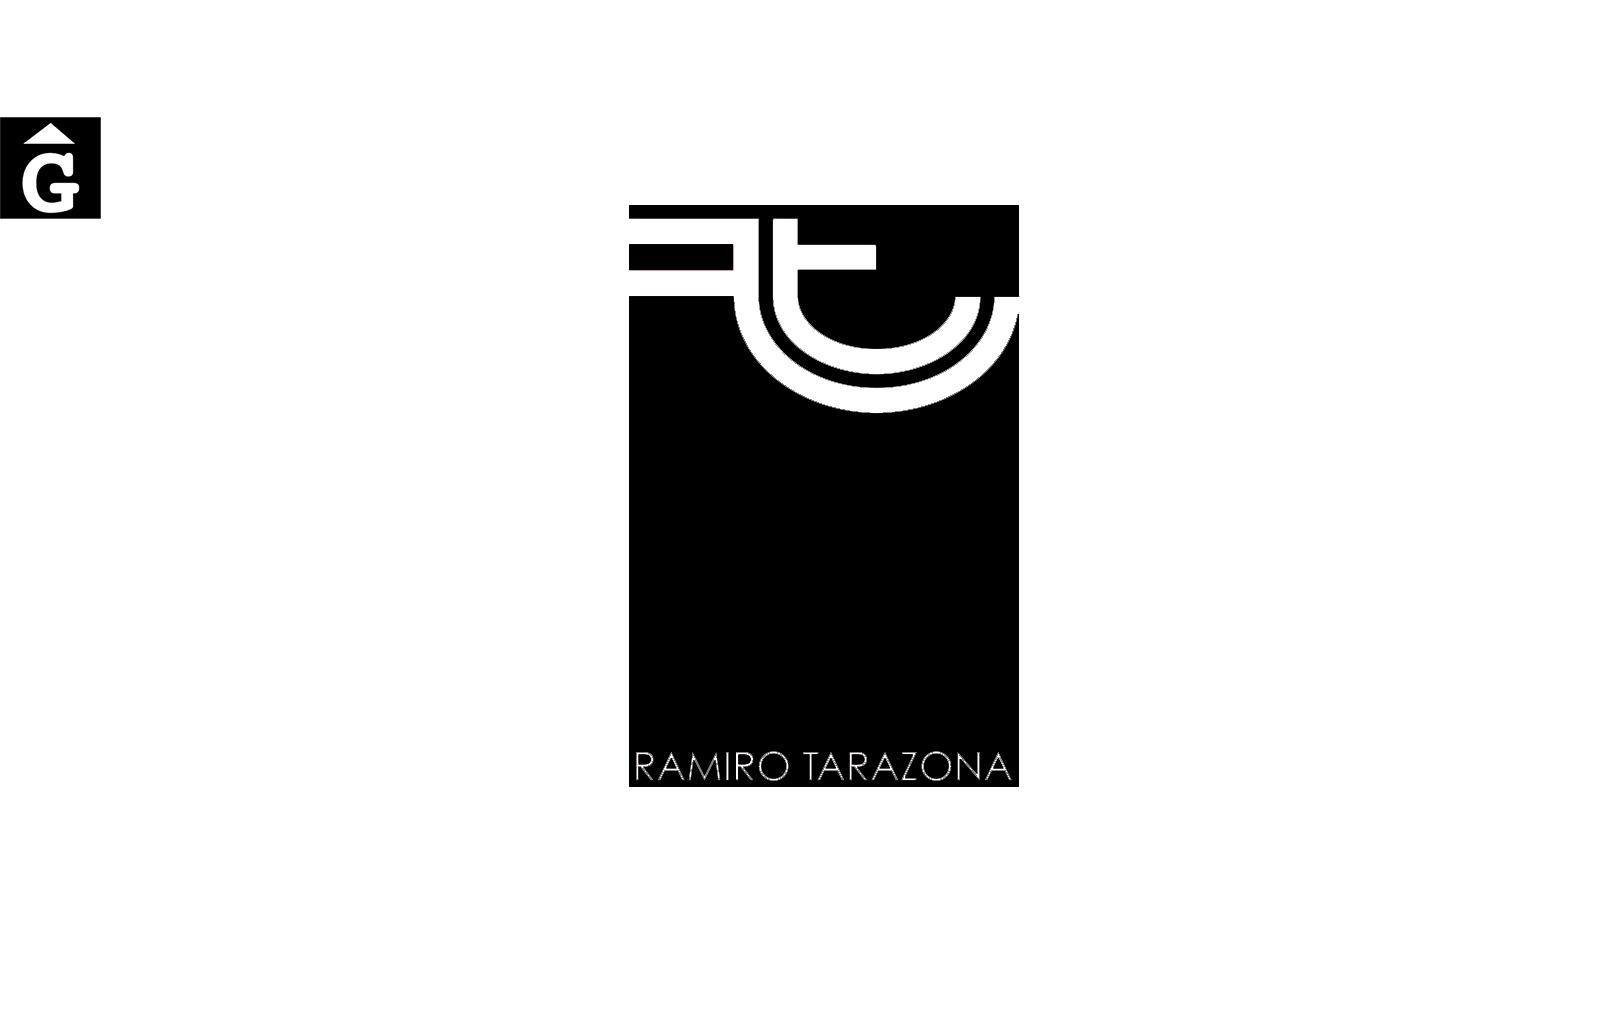 Ramiro Tarazona Marques mobles per mobles Gifreu